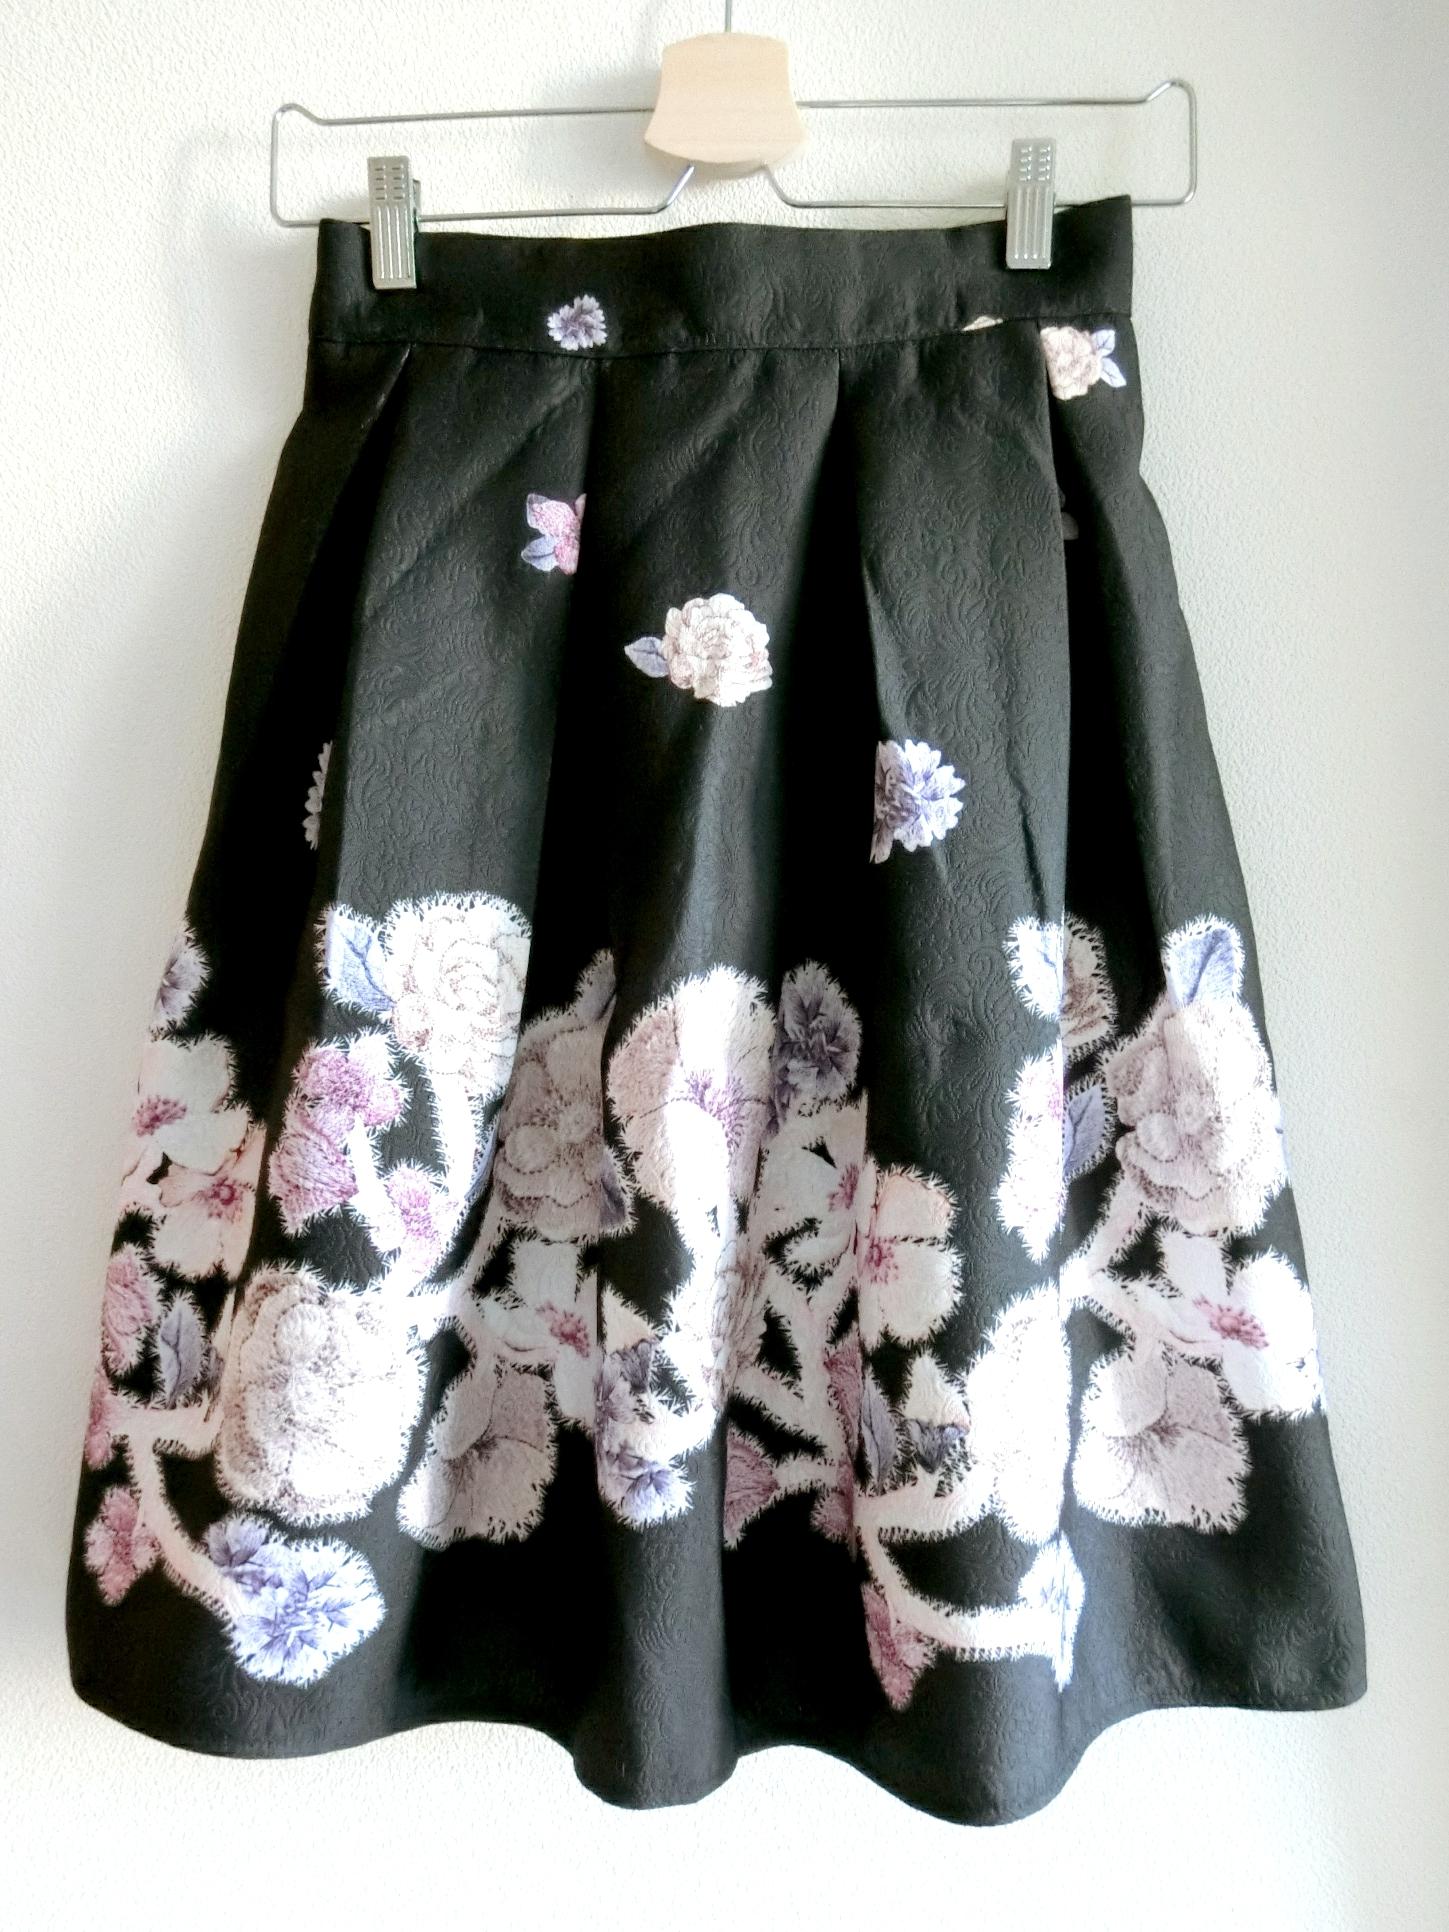 再入荷★かすみお花柄スカート ブラック